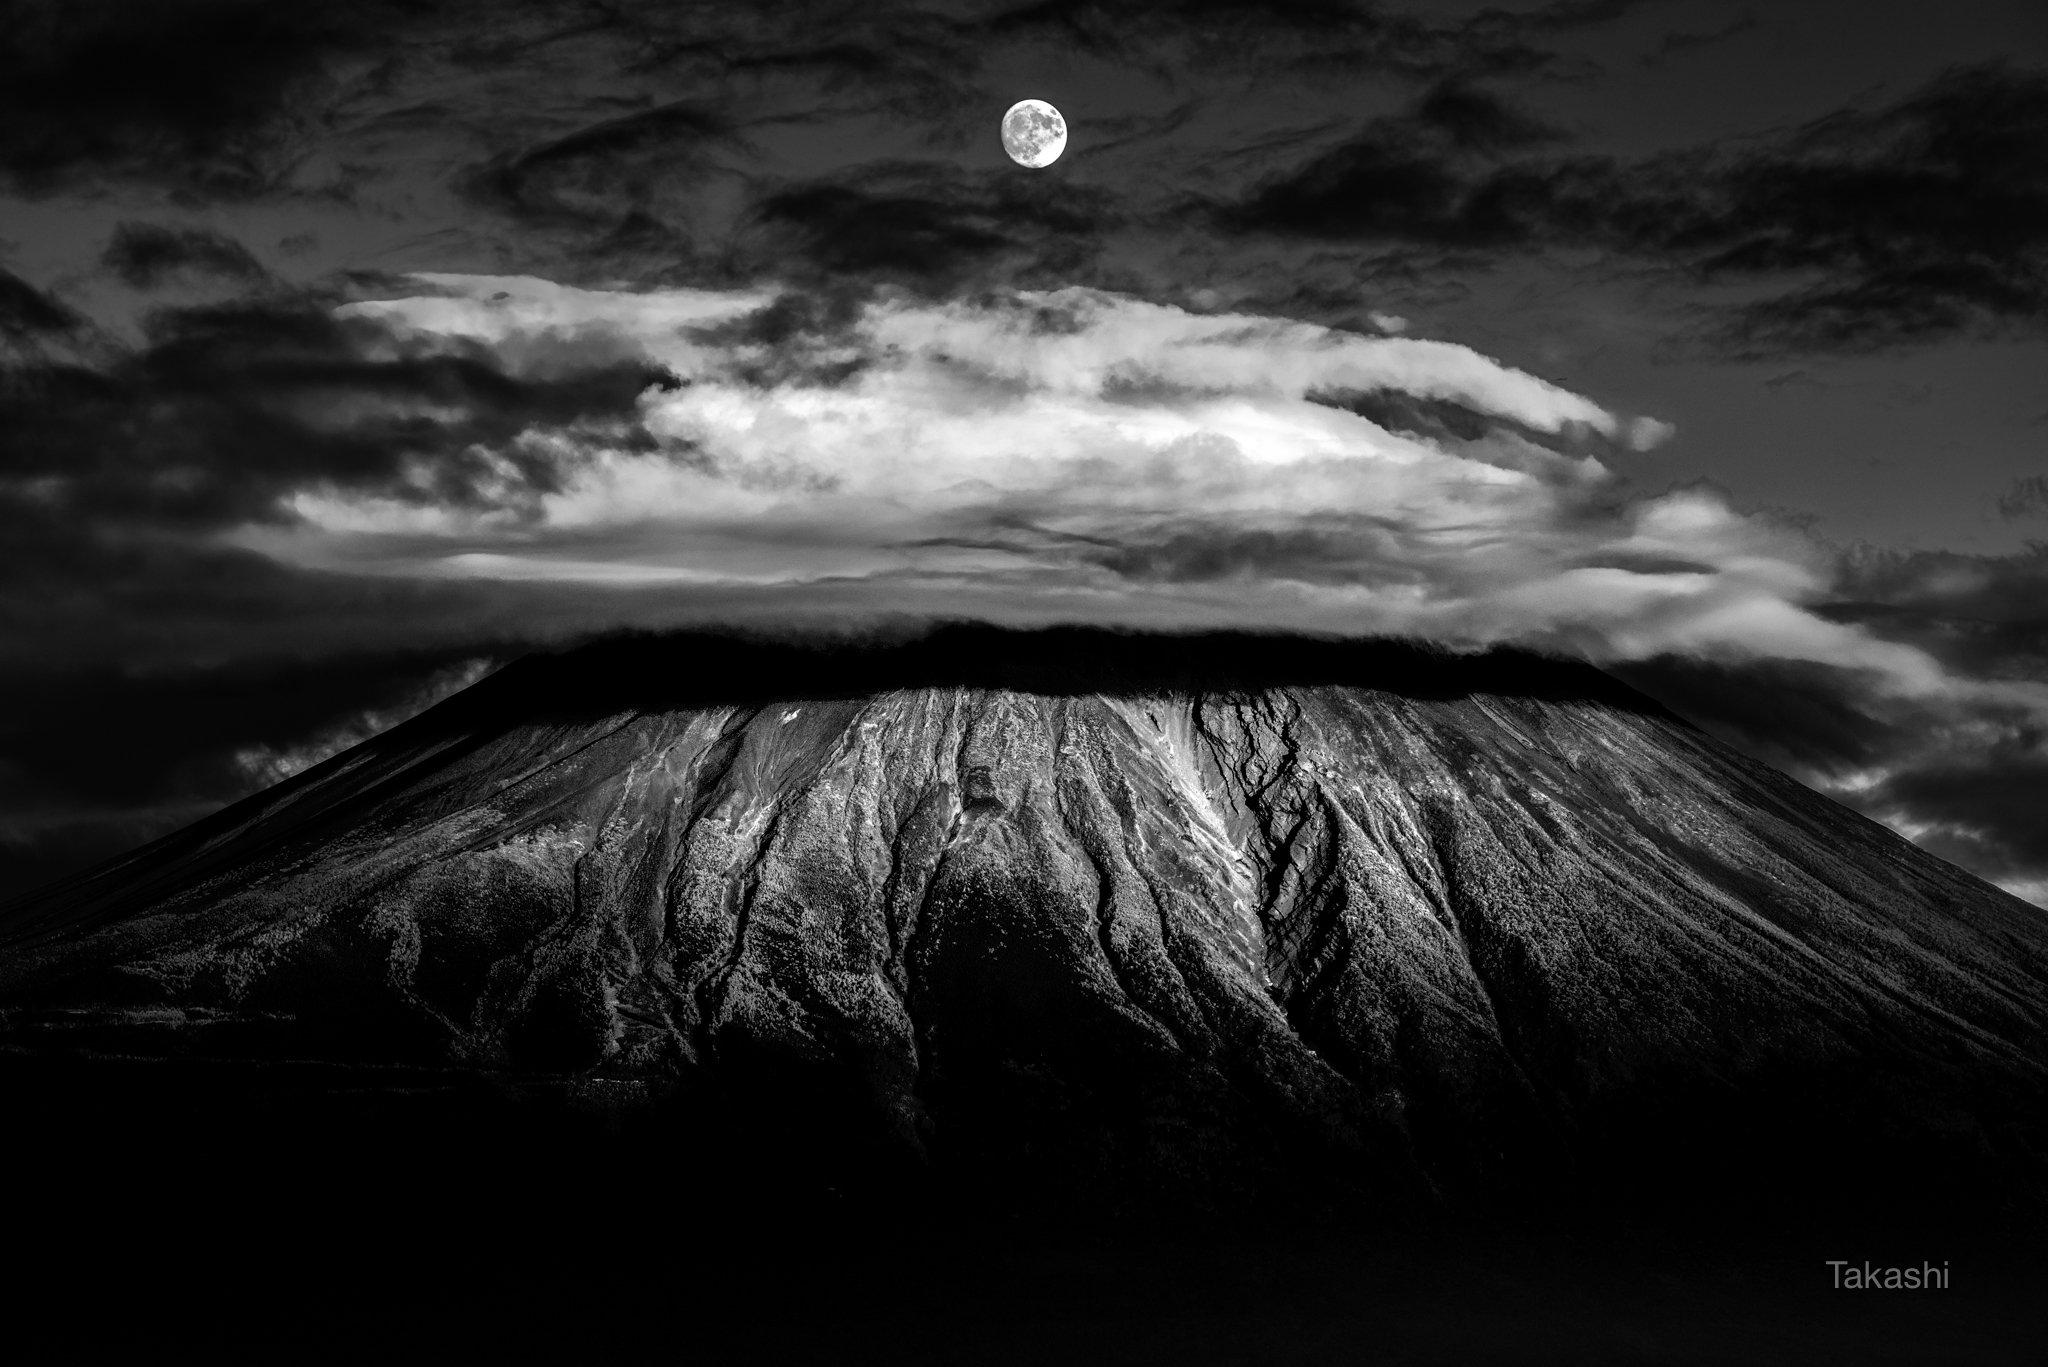 Fuji,Japan,mountain,moon,luna,cloud,sky, Takashi